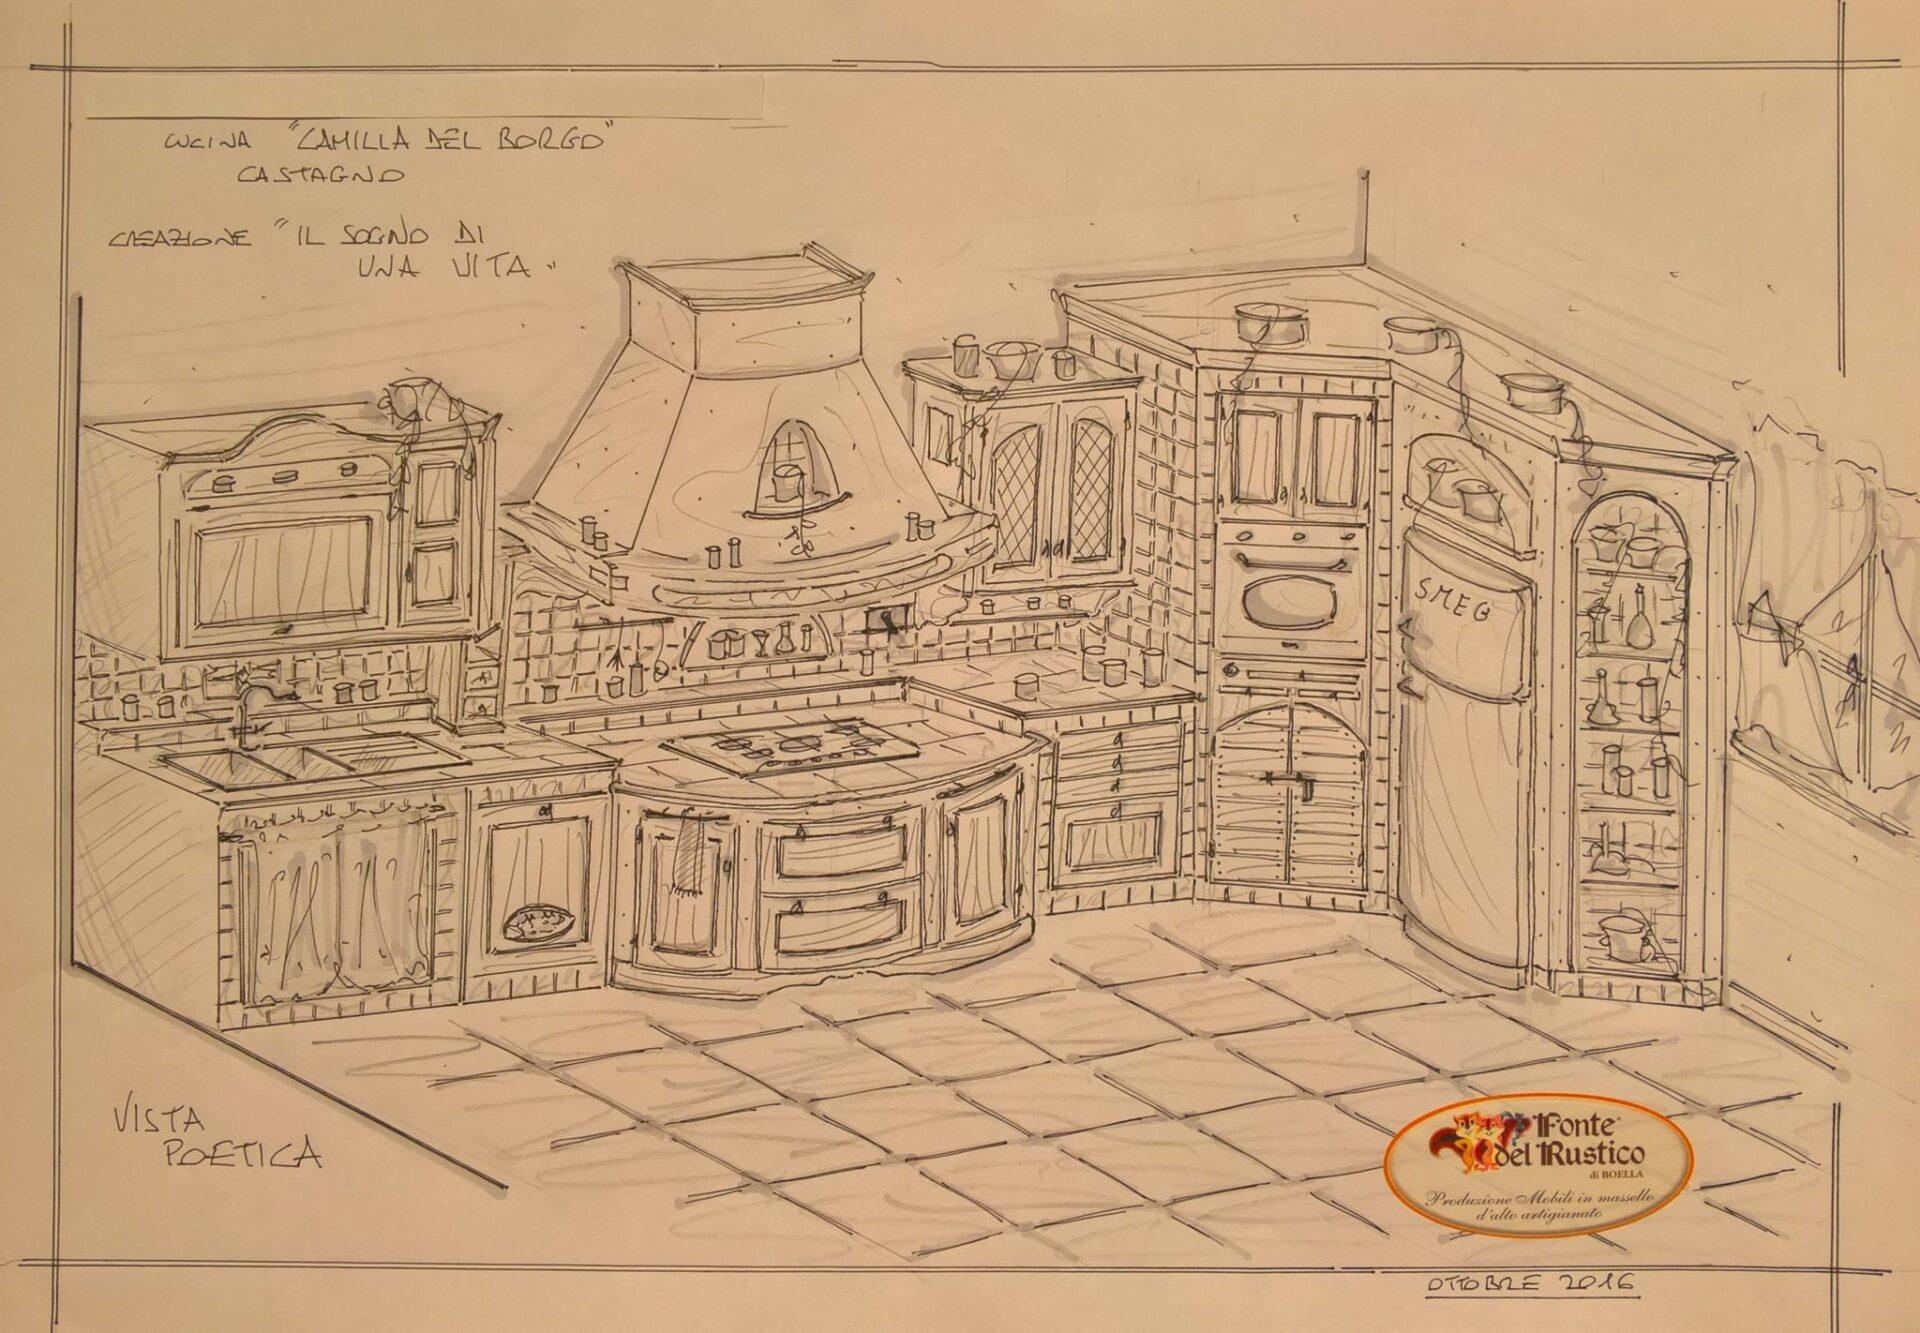 Cucina Rustica Camilla del Borgo disegno a mano libera